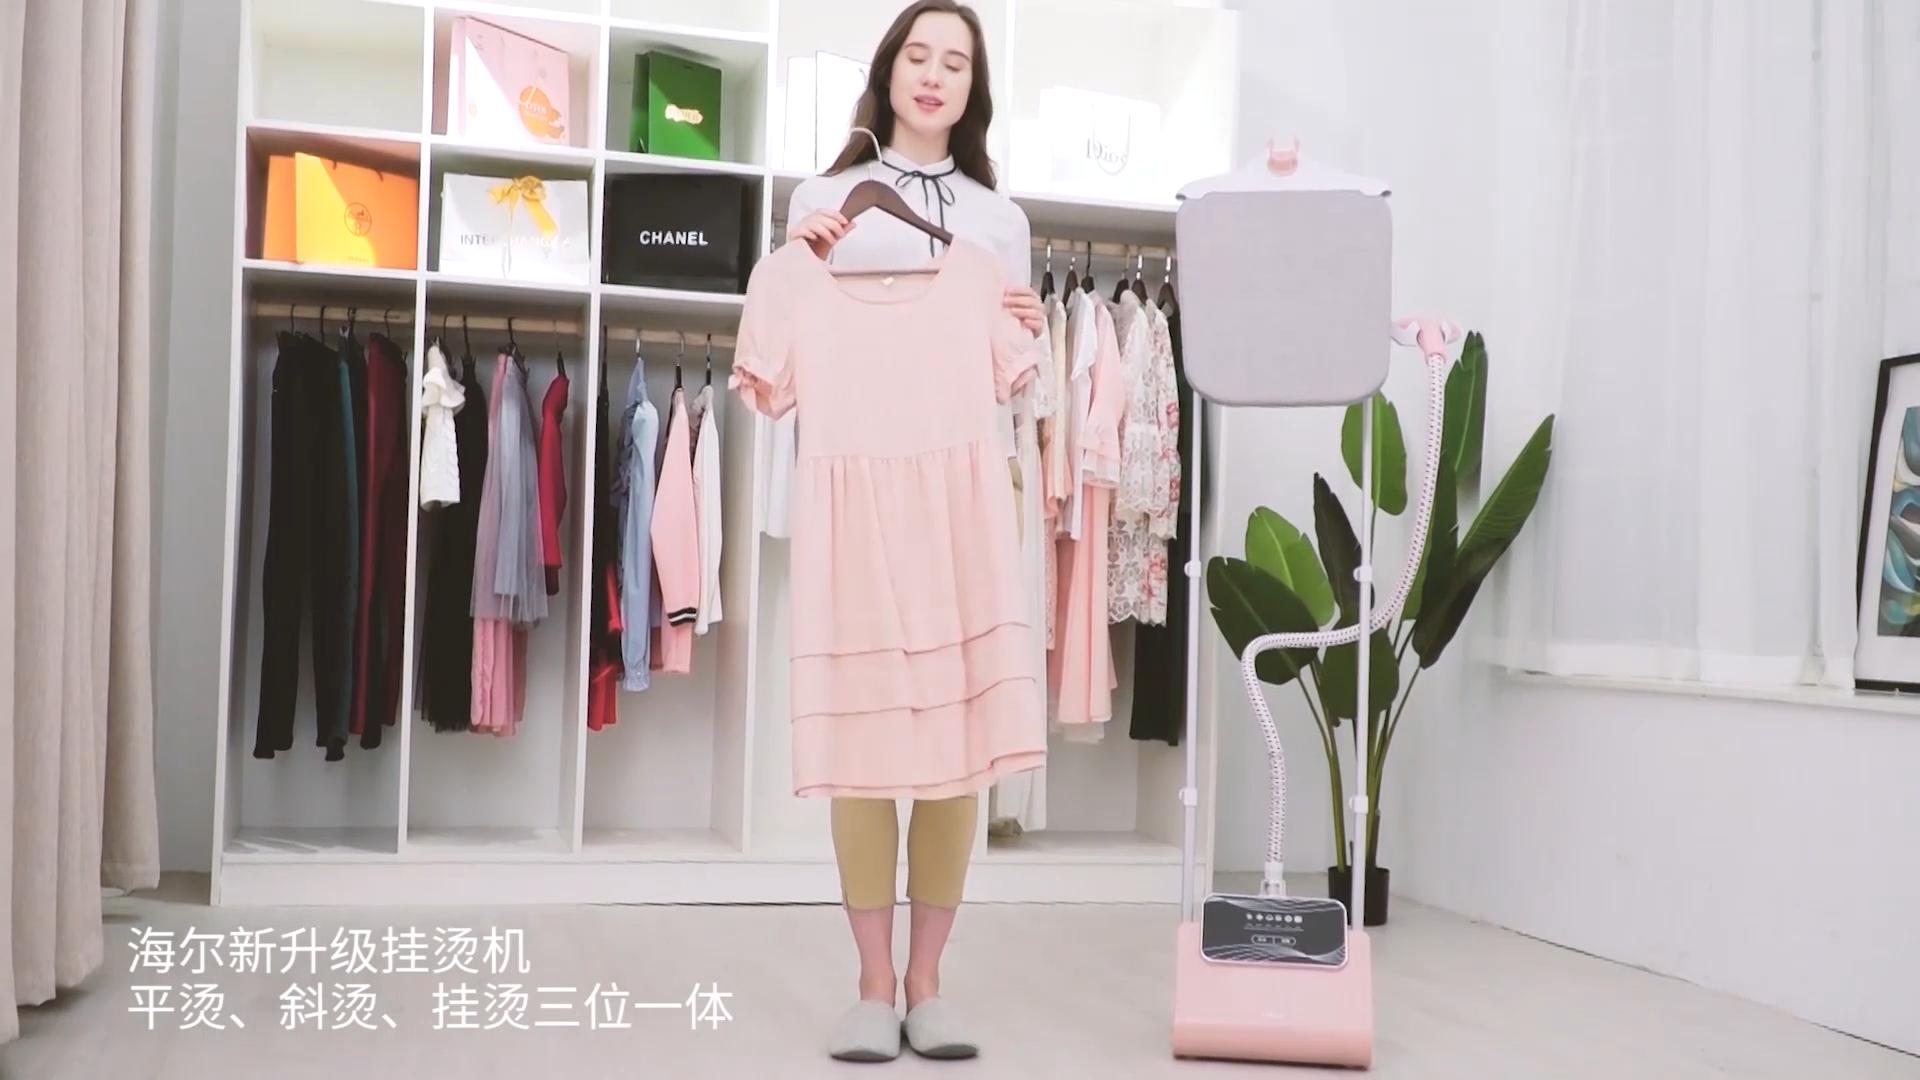 Бытовой мощный постоянный 1500W 110V/ткани для пошива одежды для одежды